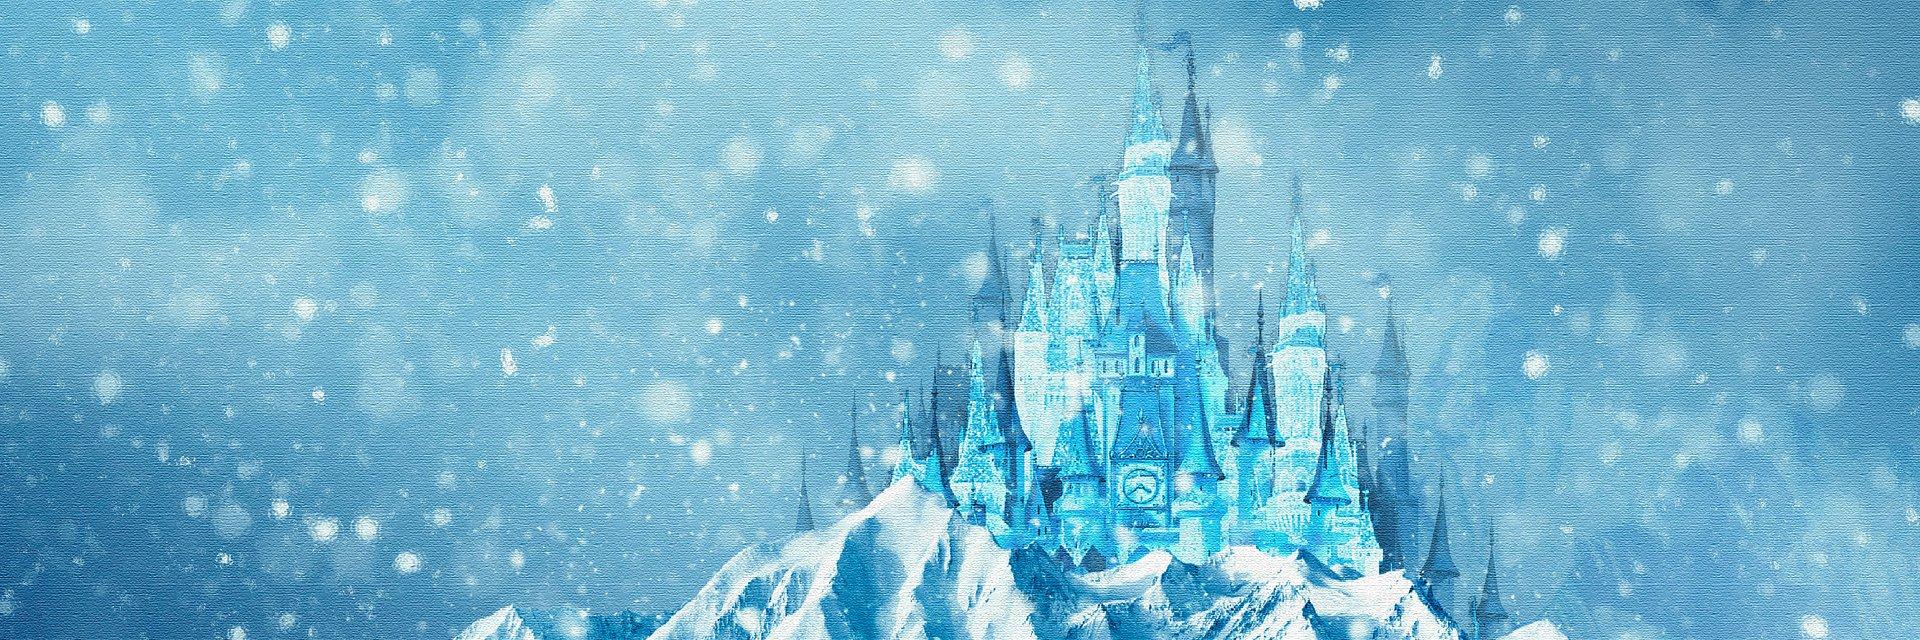 Odkryj moc. Pokonaj strach. Czyli Kraina lodu 2 Disneya w Zielonych Arkadach